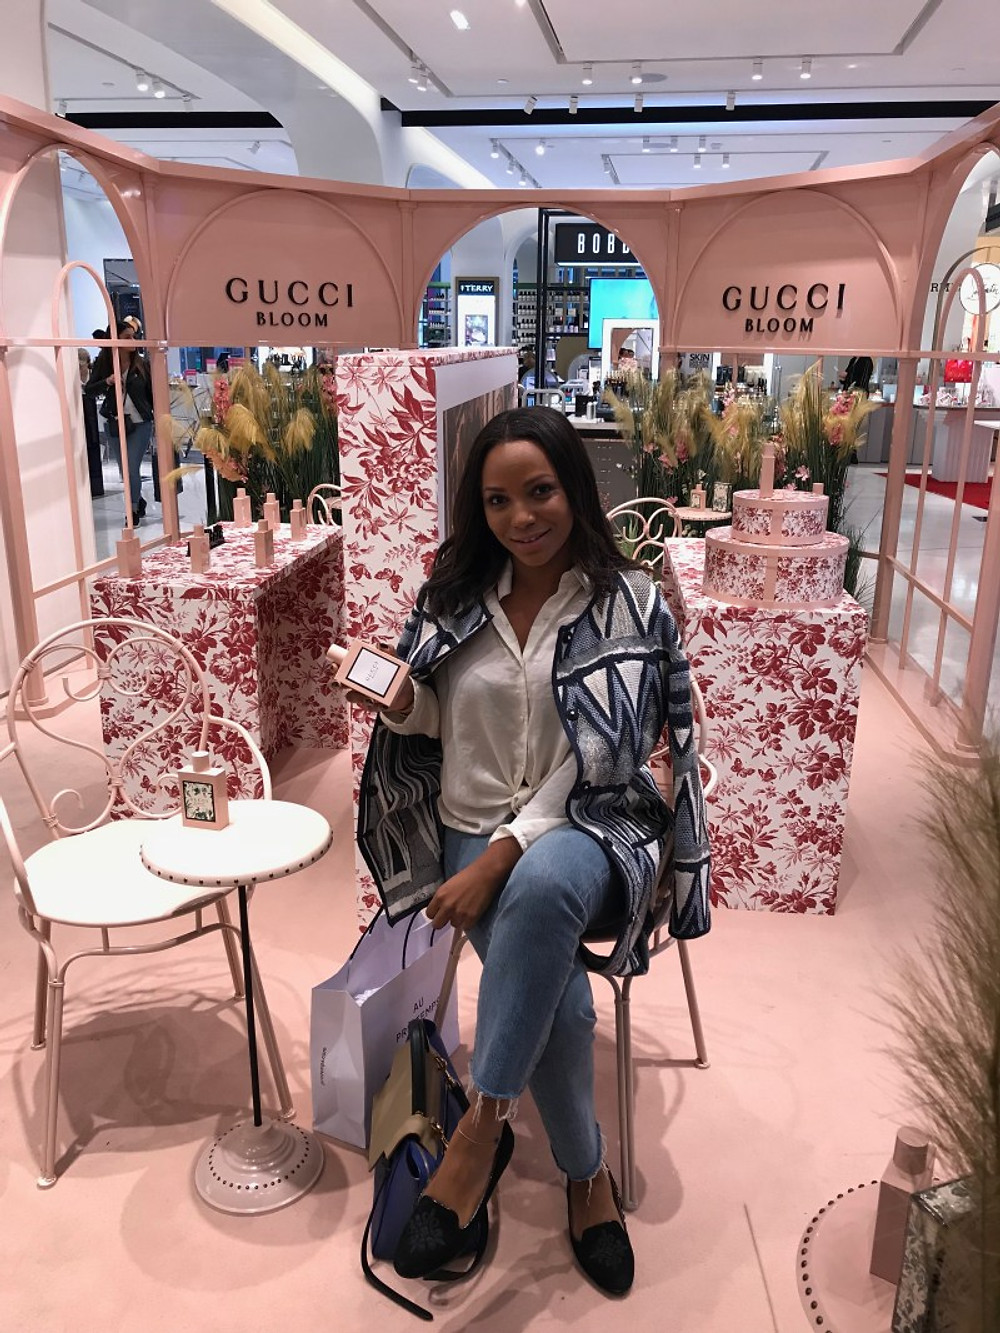 Si vous avez aimé Gucci Bloom, Vous adorerez Gucci Bloom Aqua Di Fiori (parfait pour sa saison estivale à venir)... Mais d'après instagram, il neige encore à Paris !